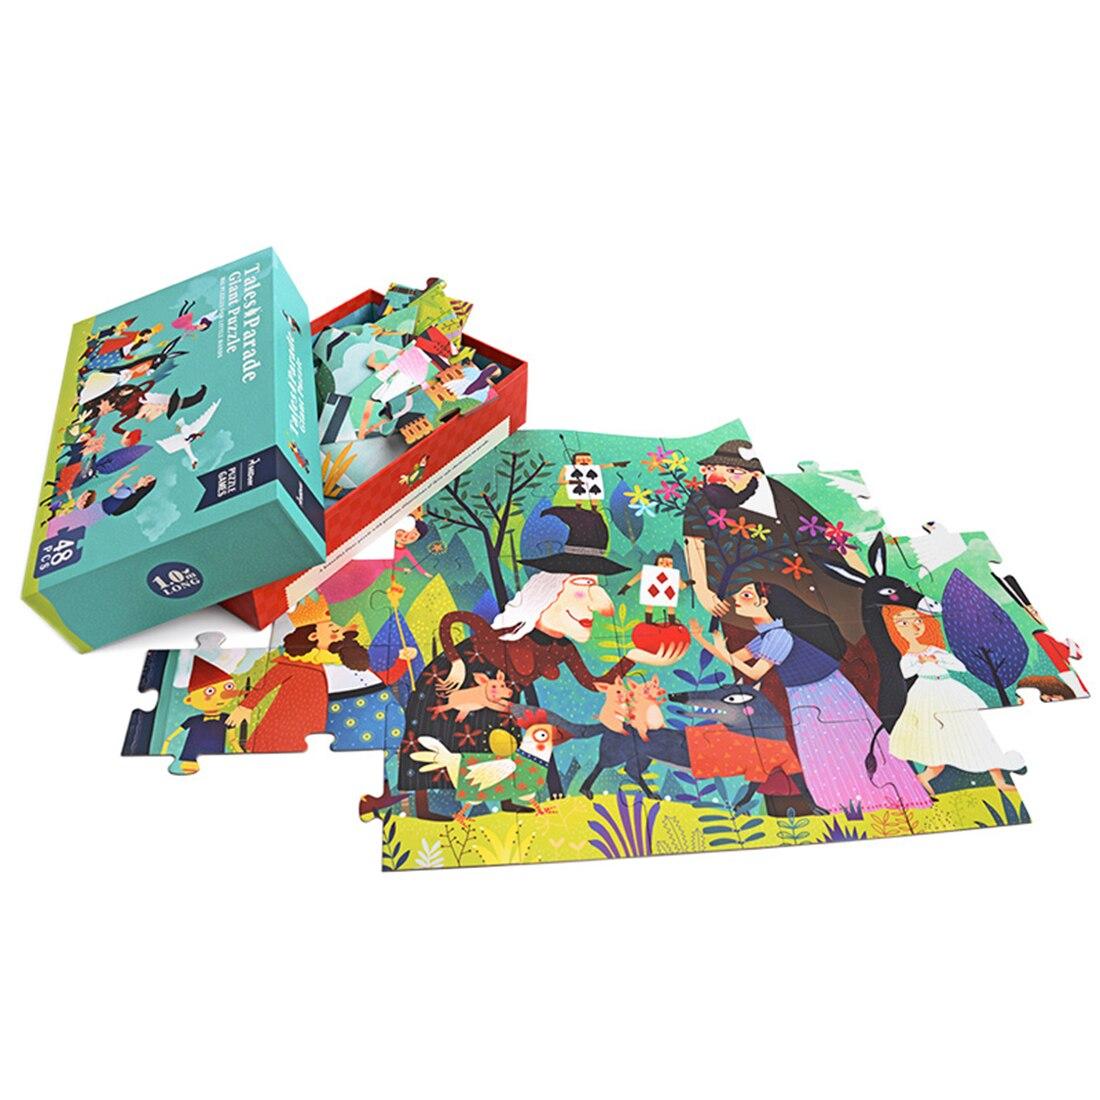 Enfants Éducatifs Puzzle Jeu Jouets Chunky Jigsaw Apprentissage Éducatif Puzzle Jouet Puzzle De Sol pour Enfants Enfants Braining Cadeau